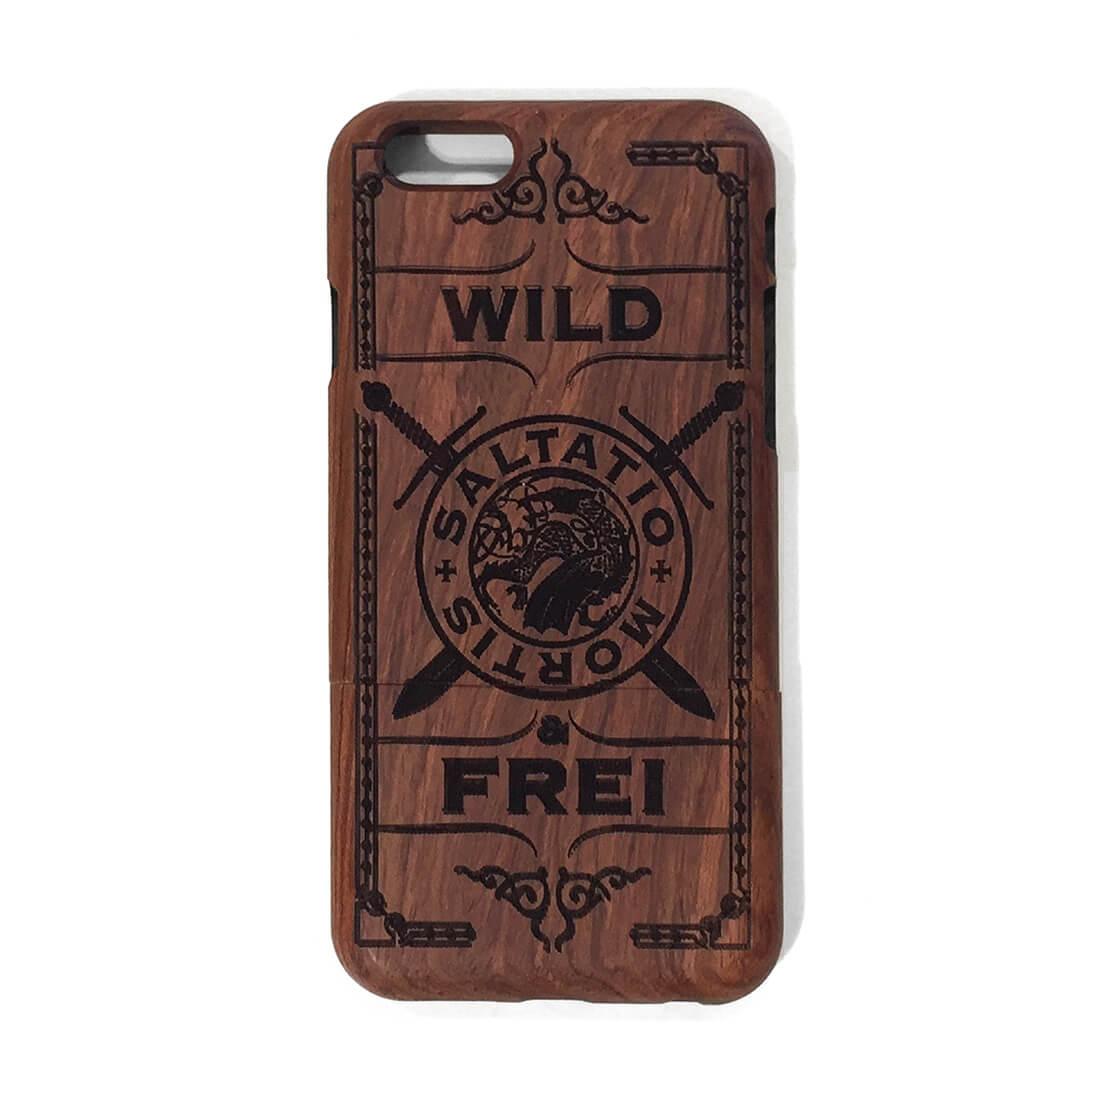 Wild & Frei von Saltatio Mortis - Phone Case jetzt im Bravado Shop